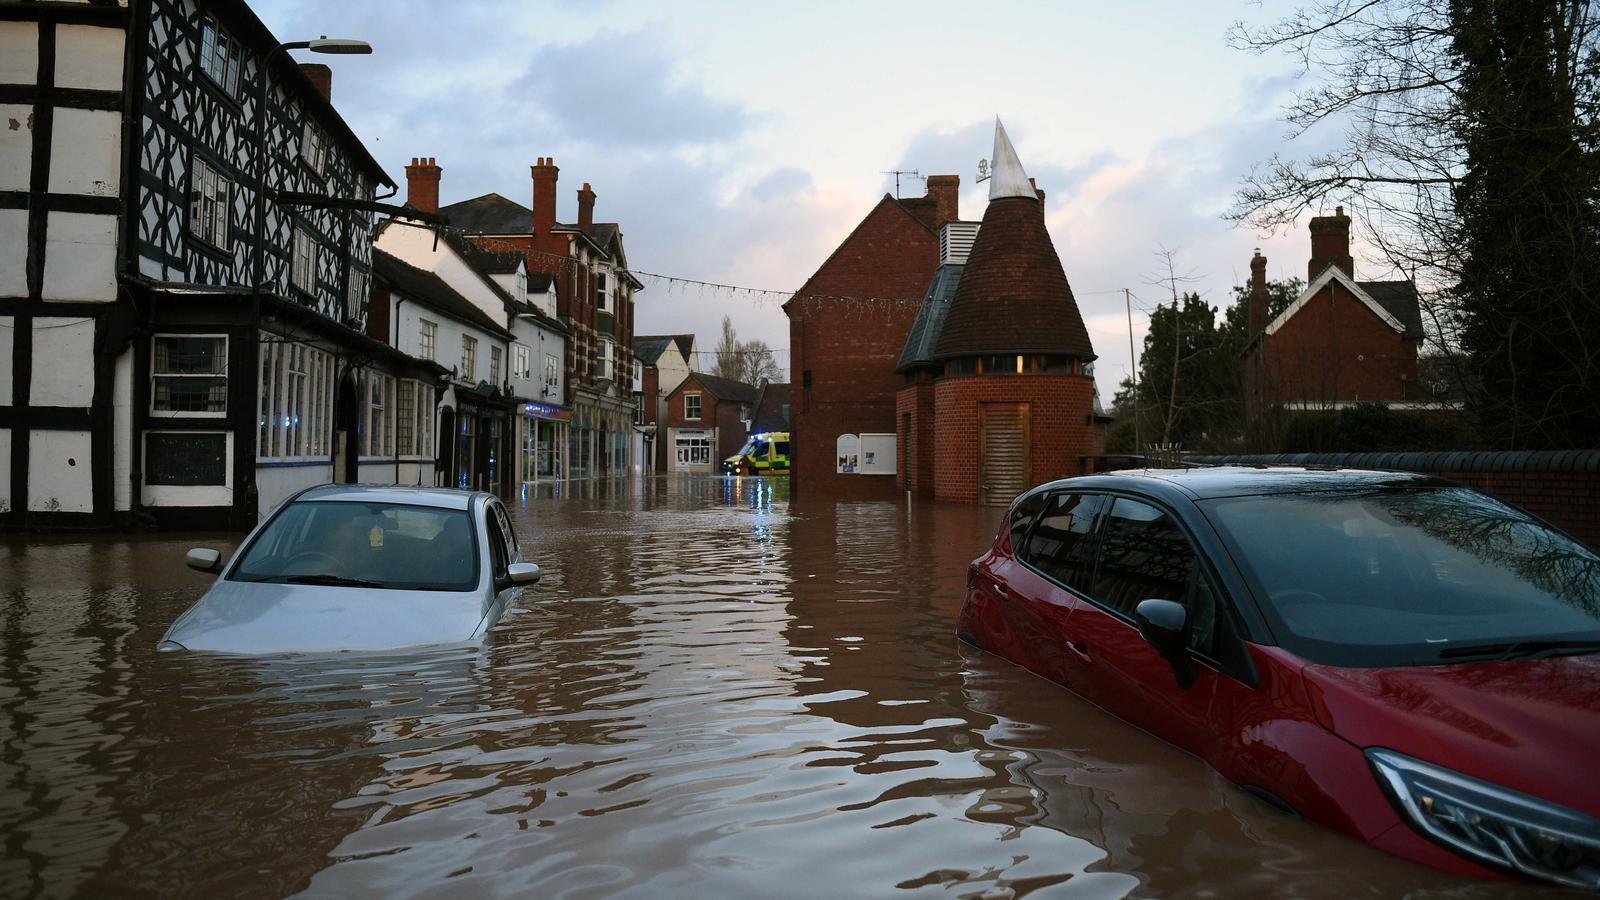 El poble de Tenbury Wells, a Gal·les, inundat després del desbordament del riu Teme